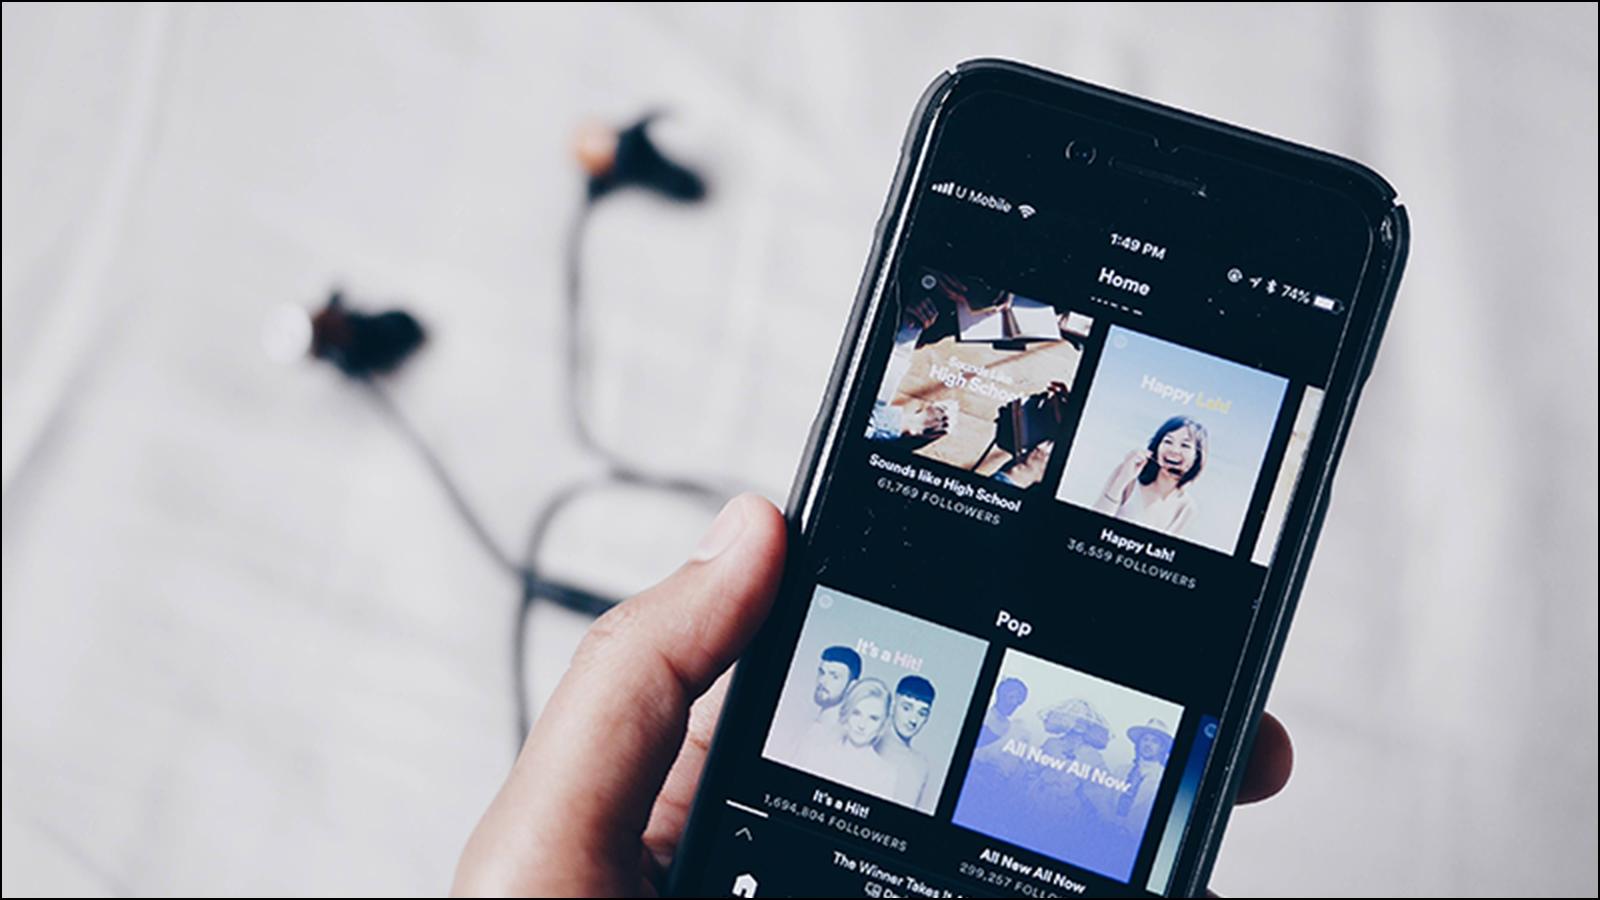 iPhoneの音が出ない時にやるべき6つのこと  正しい音量調節の方法も解説